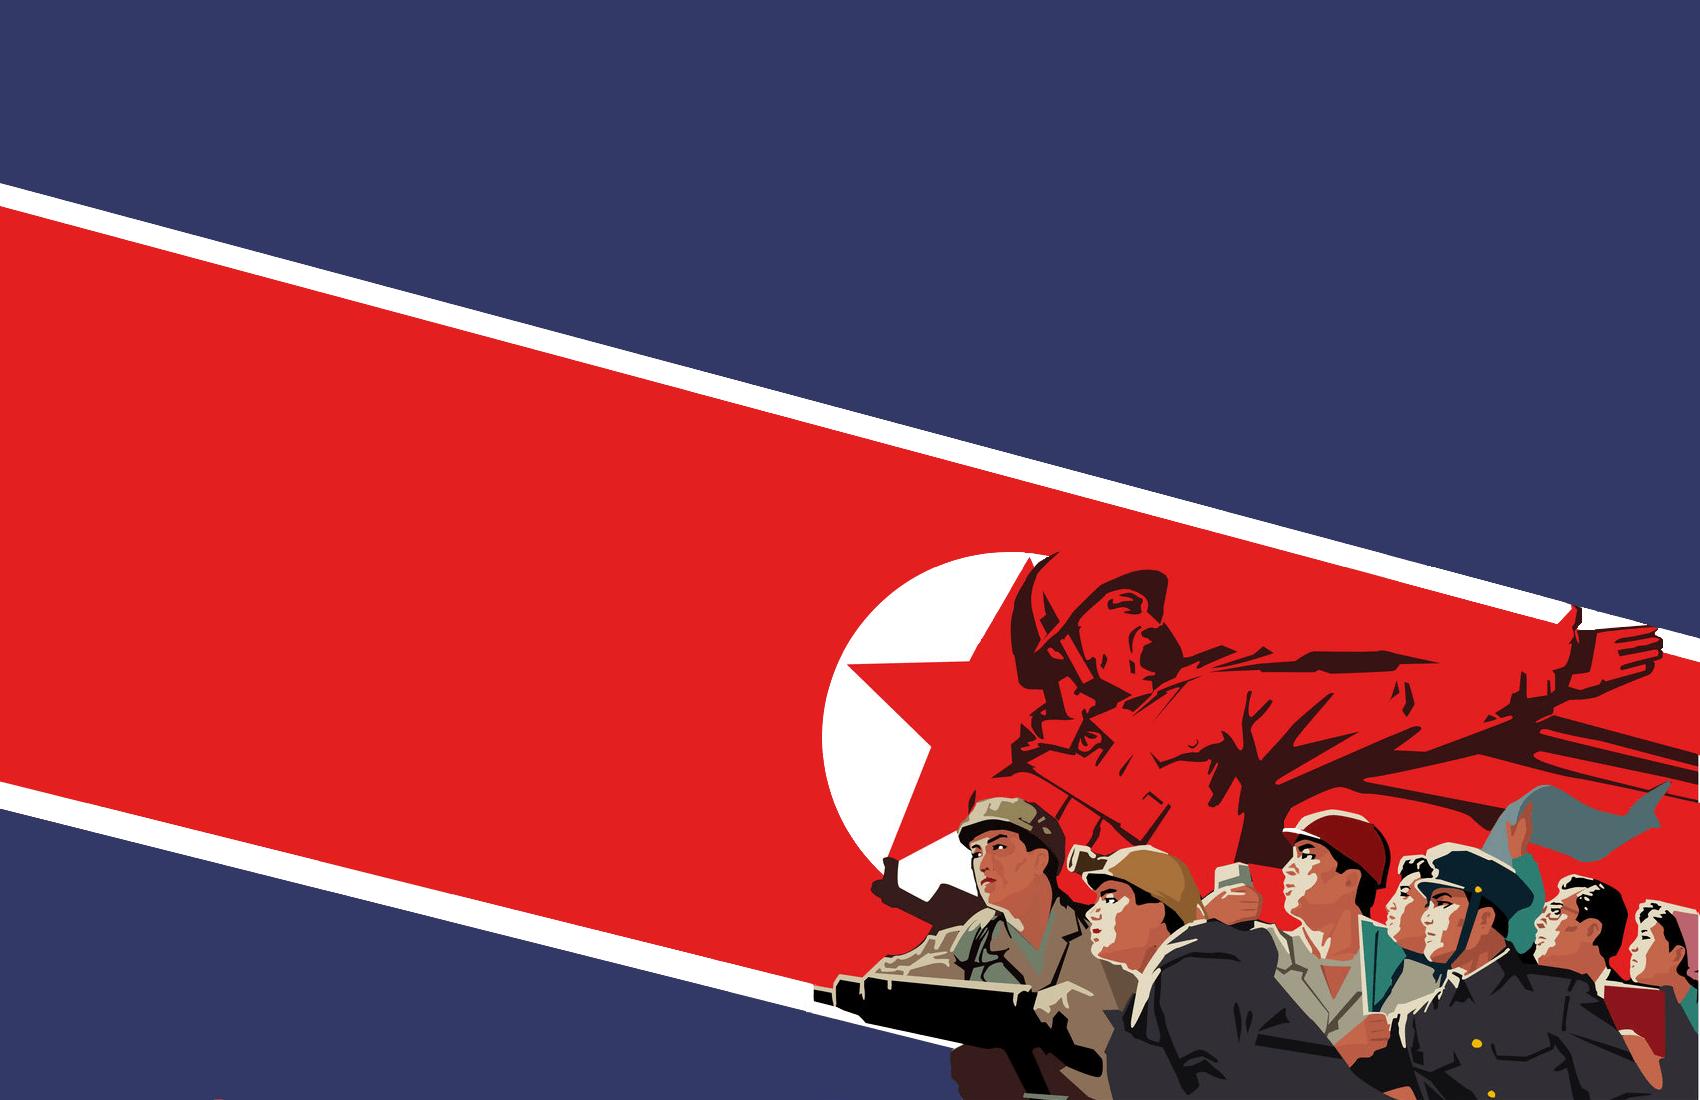 North Korea Wallpapers Wallpaper Cave